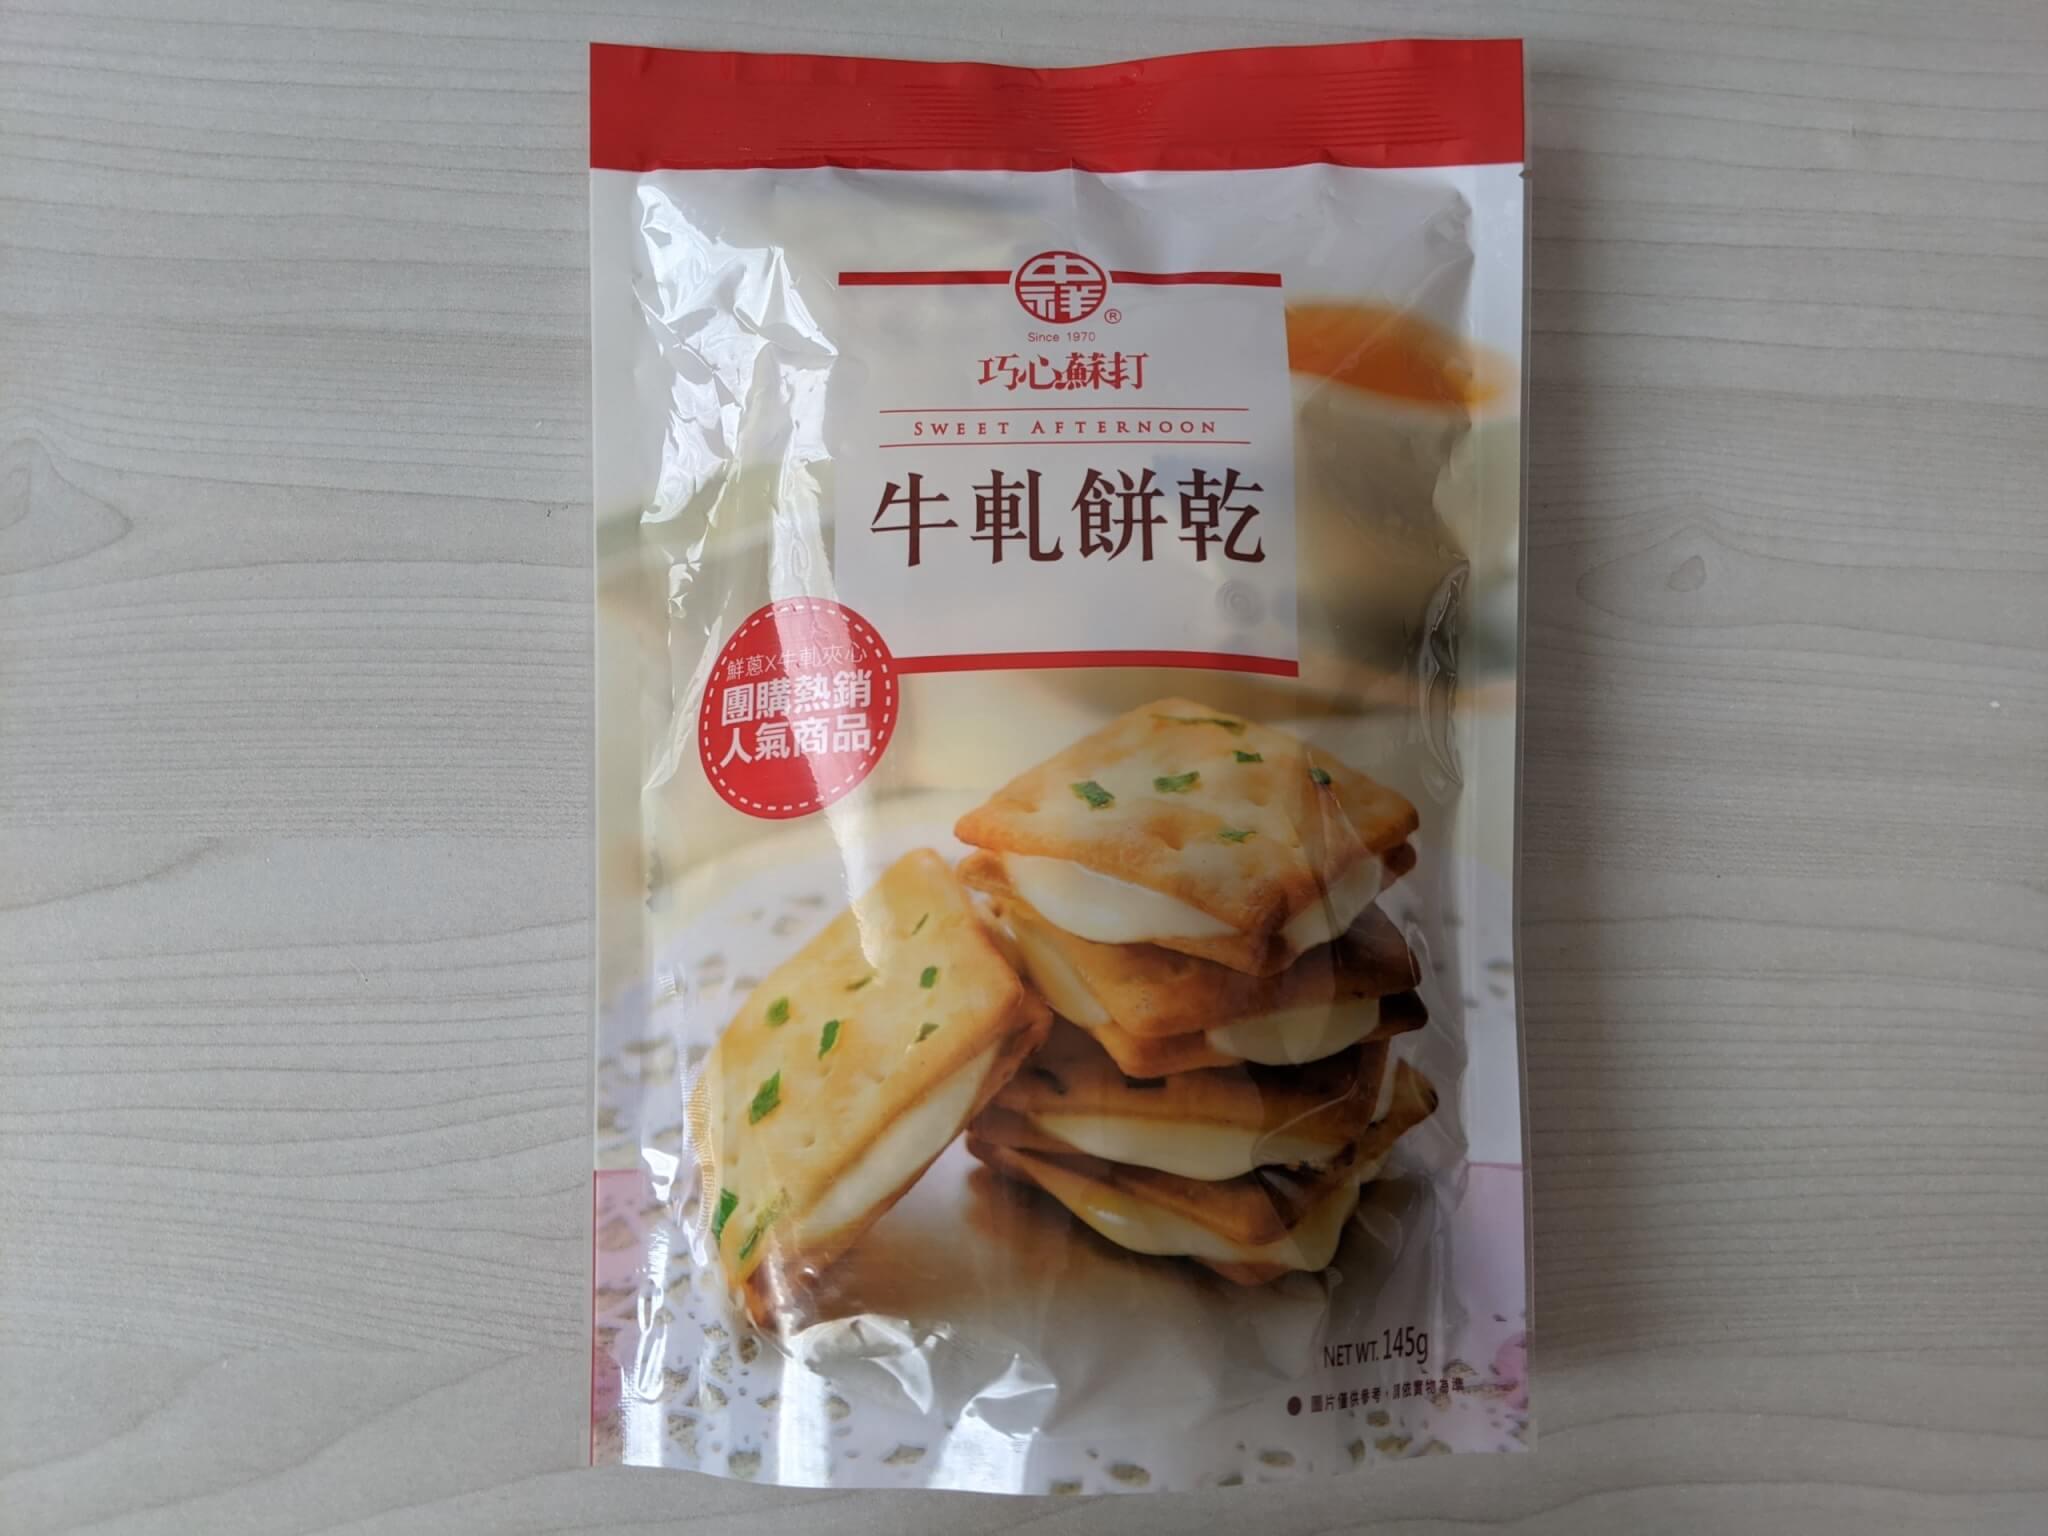 中祥食品 ヌガークラッカー オリジナル味